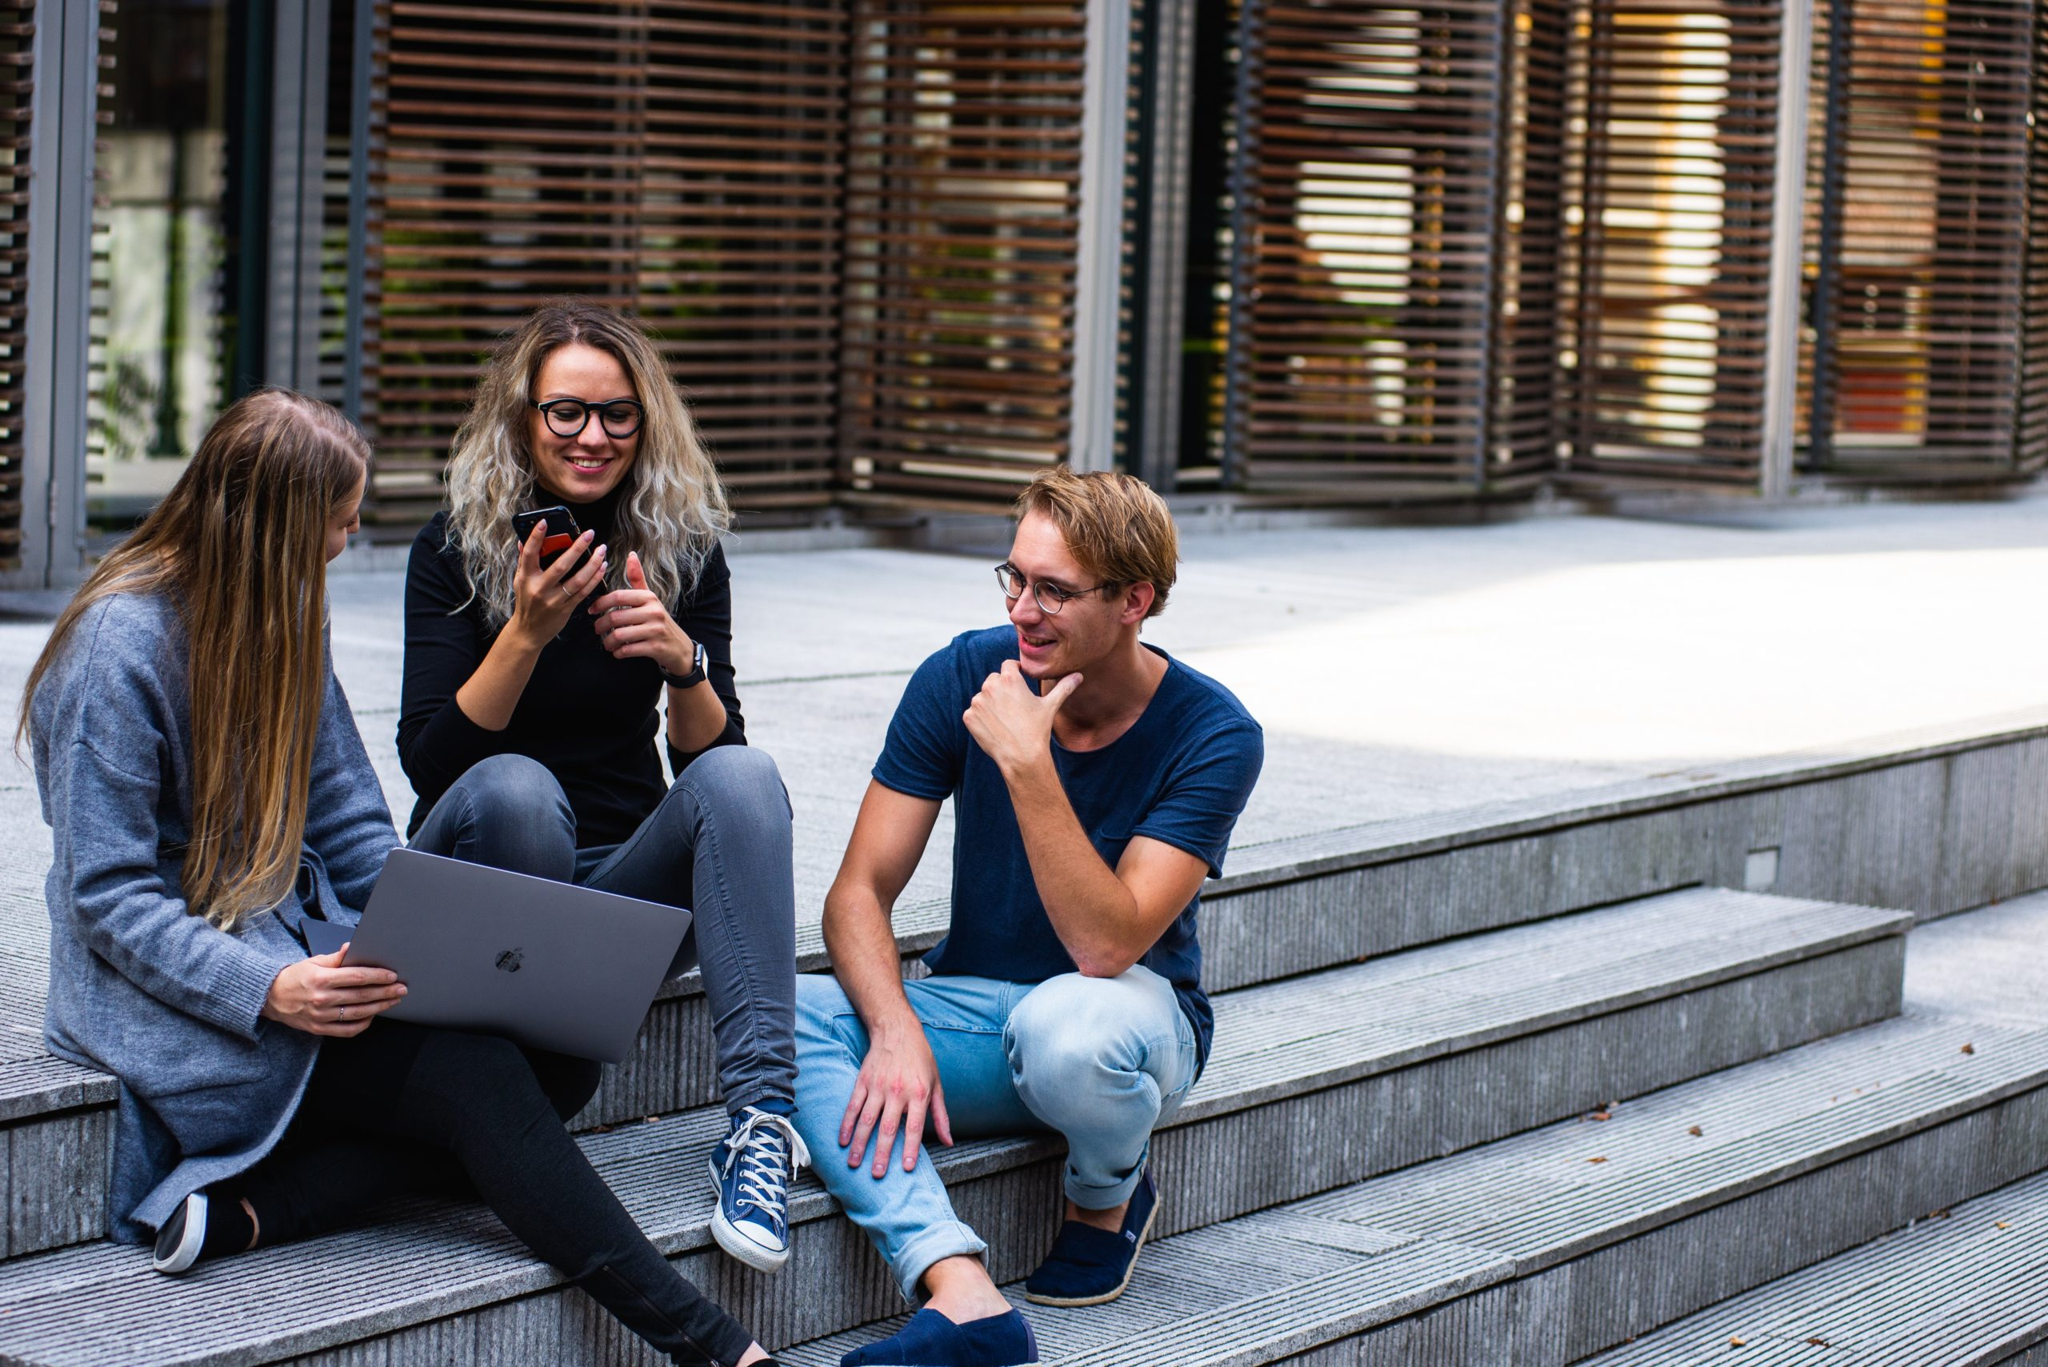 Les jeunes souhaitent investir dans l'immobilier neuf